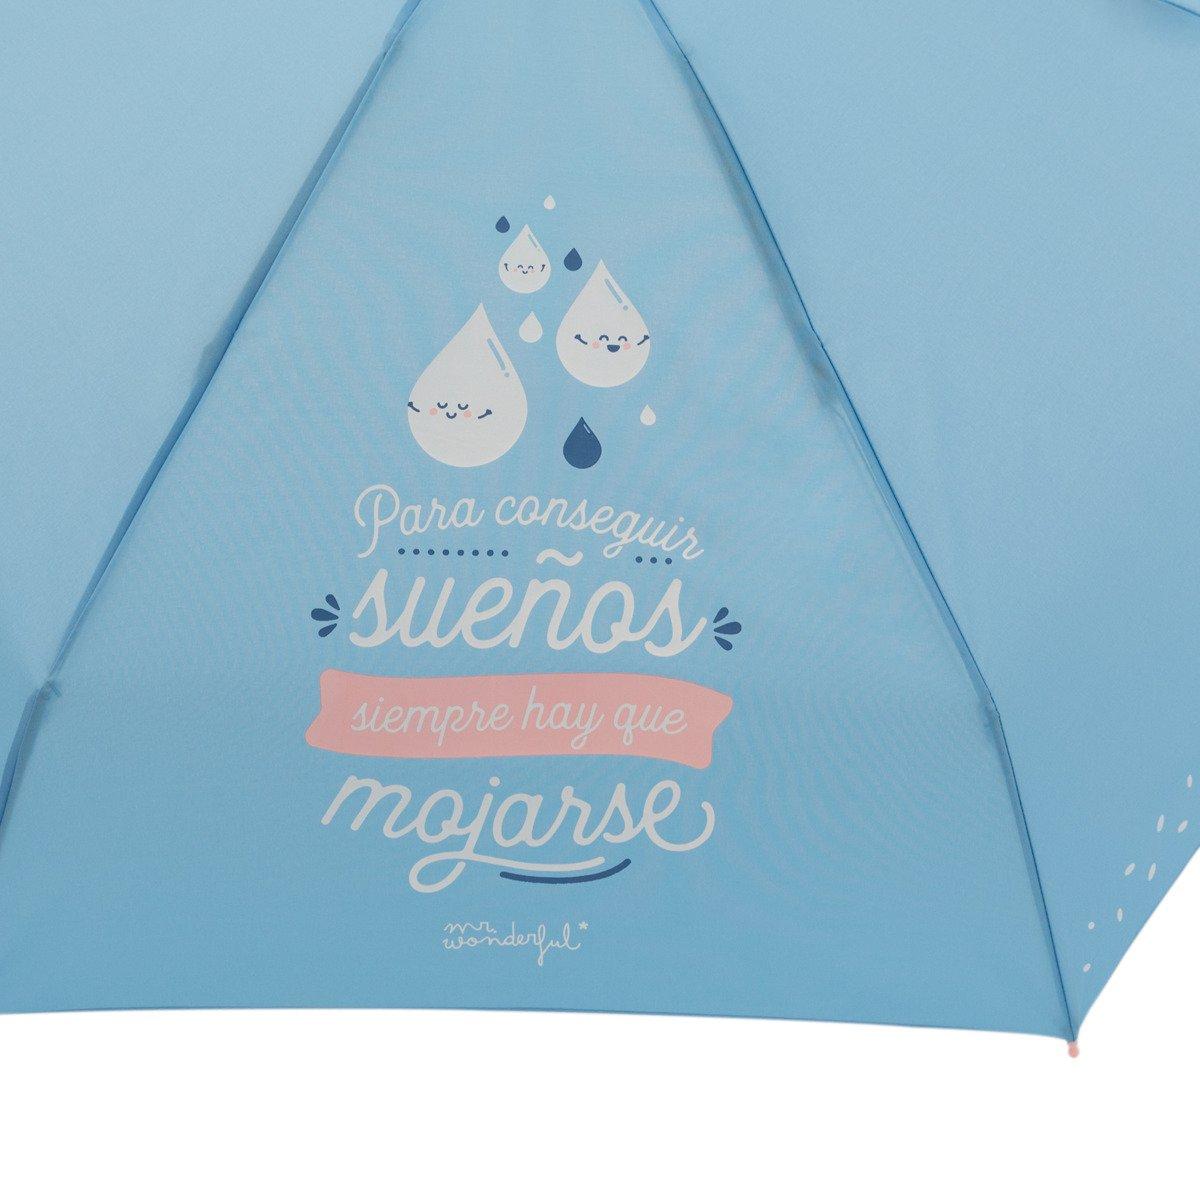 Paraguas Pequeño Mr. Wonderful: Para conseguir sueños siempre hay que mojarse: Amazon.es: Oficina y papelería